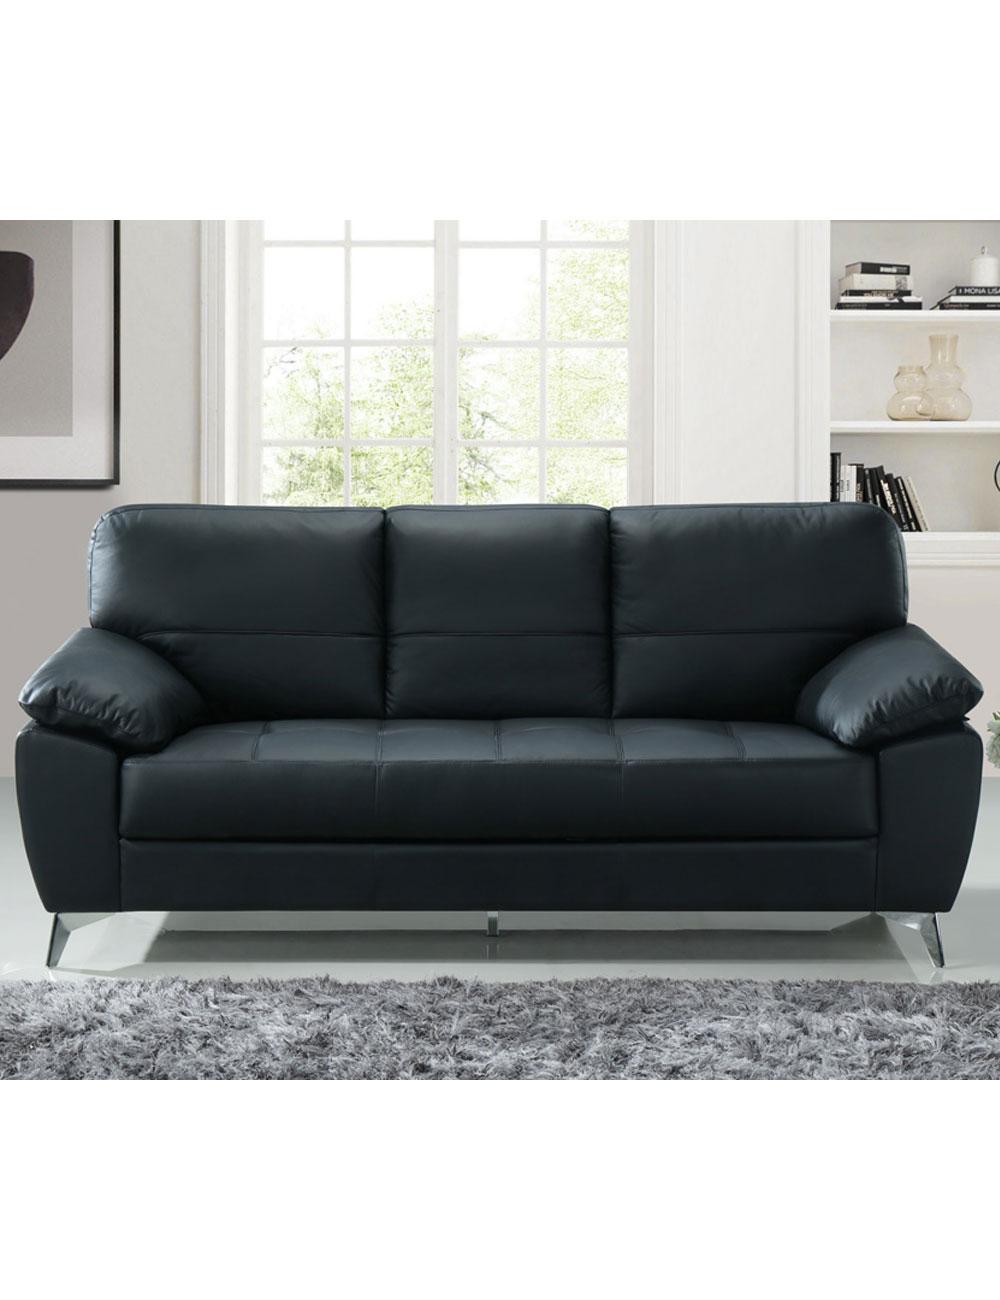 lederm bel siena. Black Bedroom Furniture Sets. Home Design Ideas